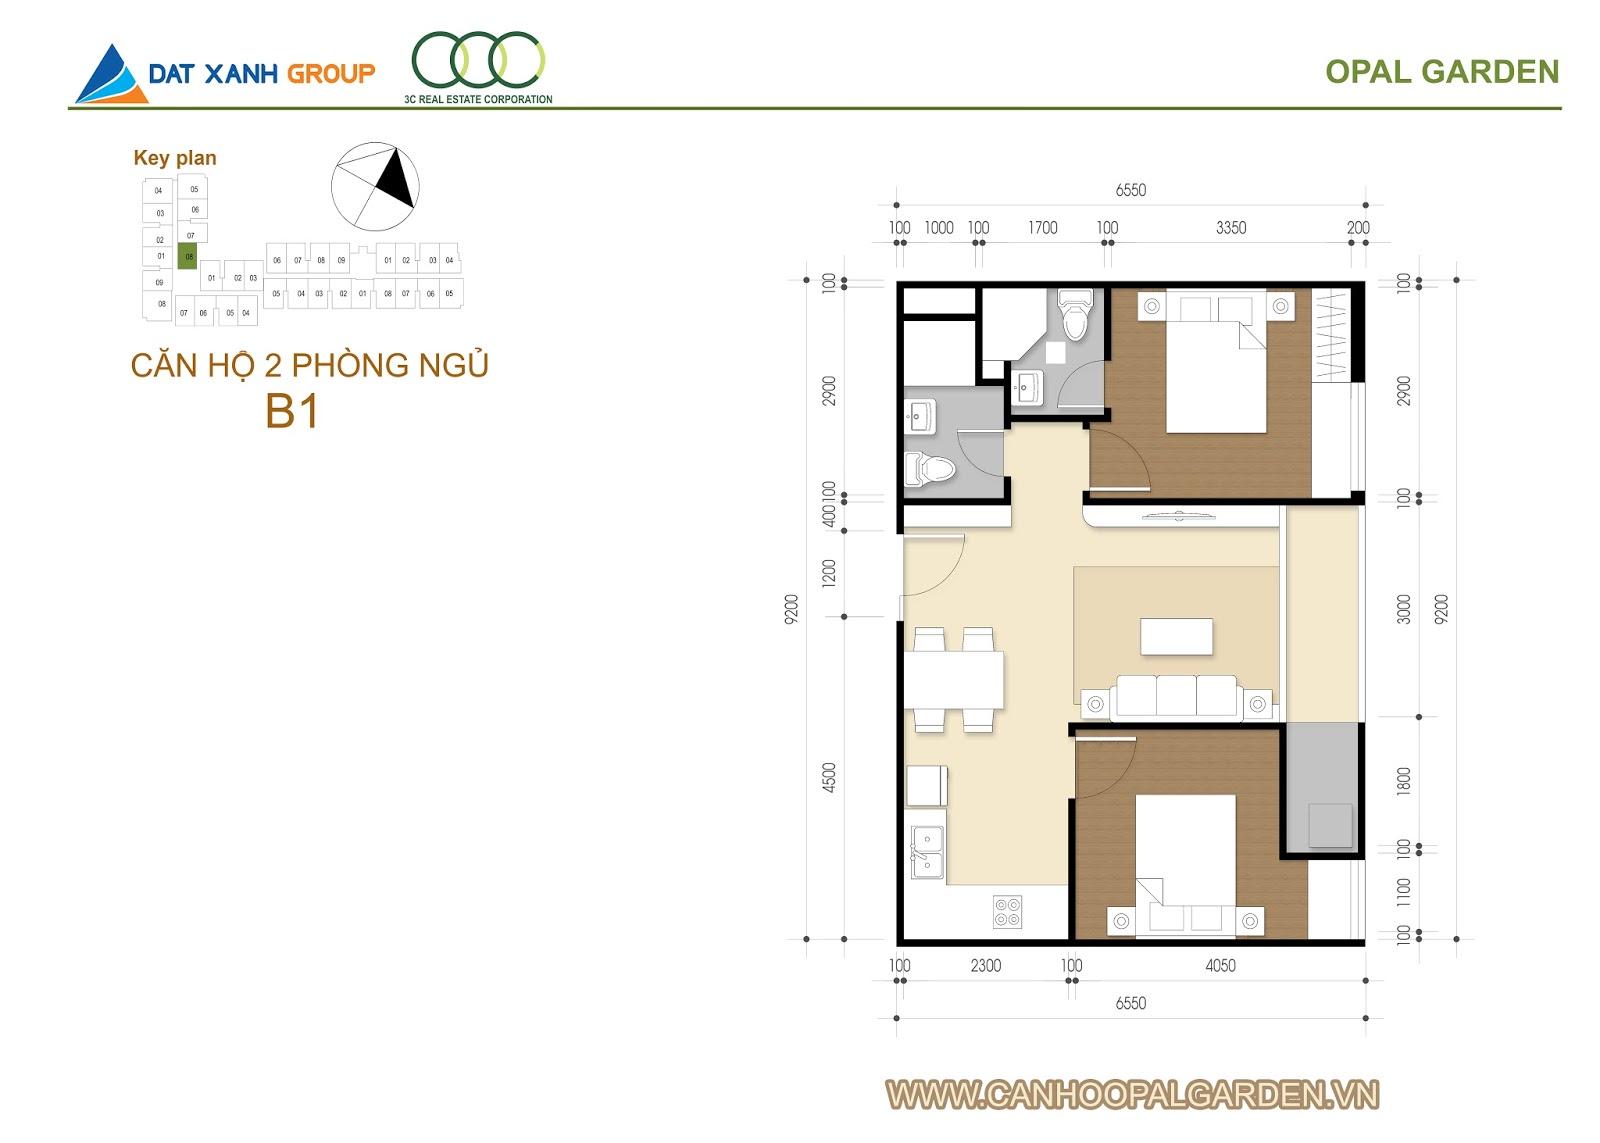 Thiết kế căn hô opal garden 2 phòng ngủ